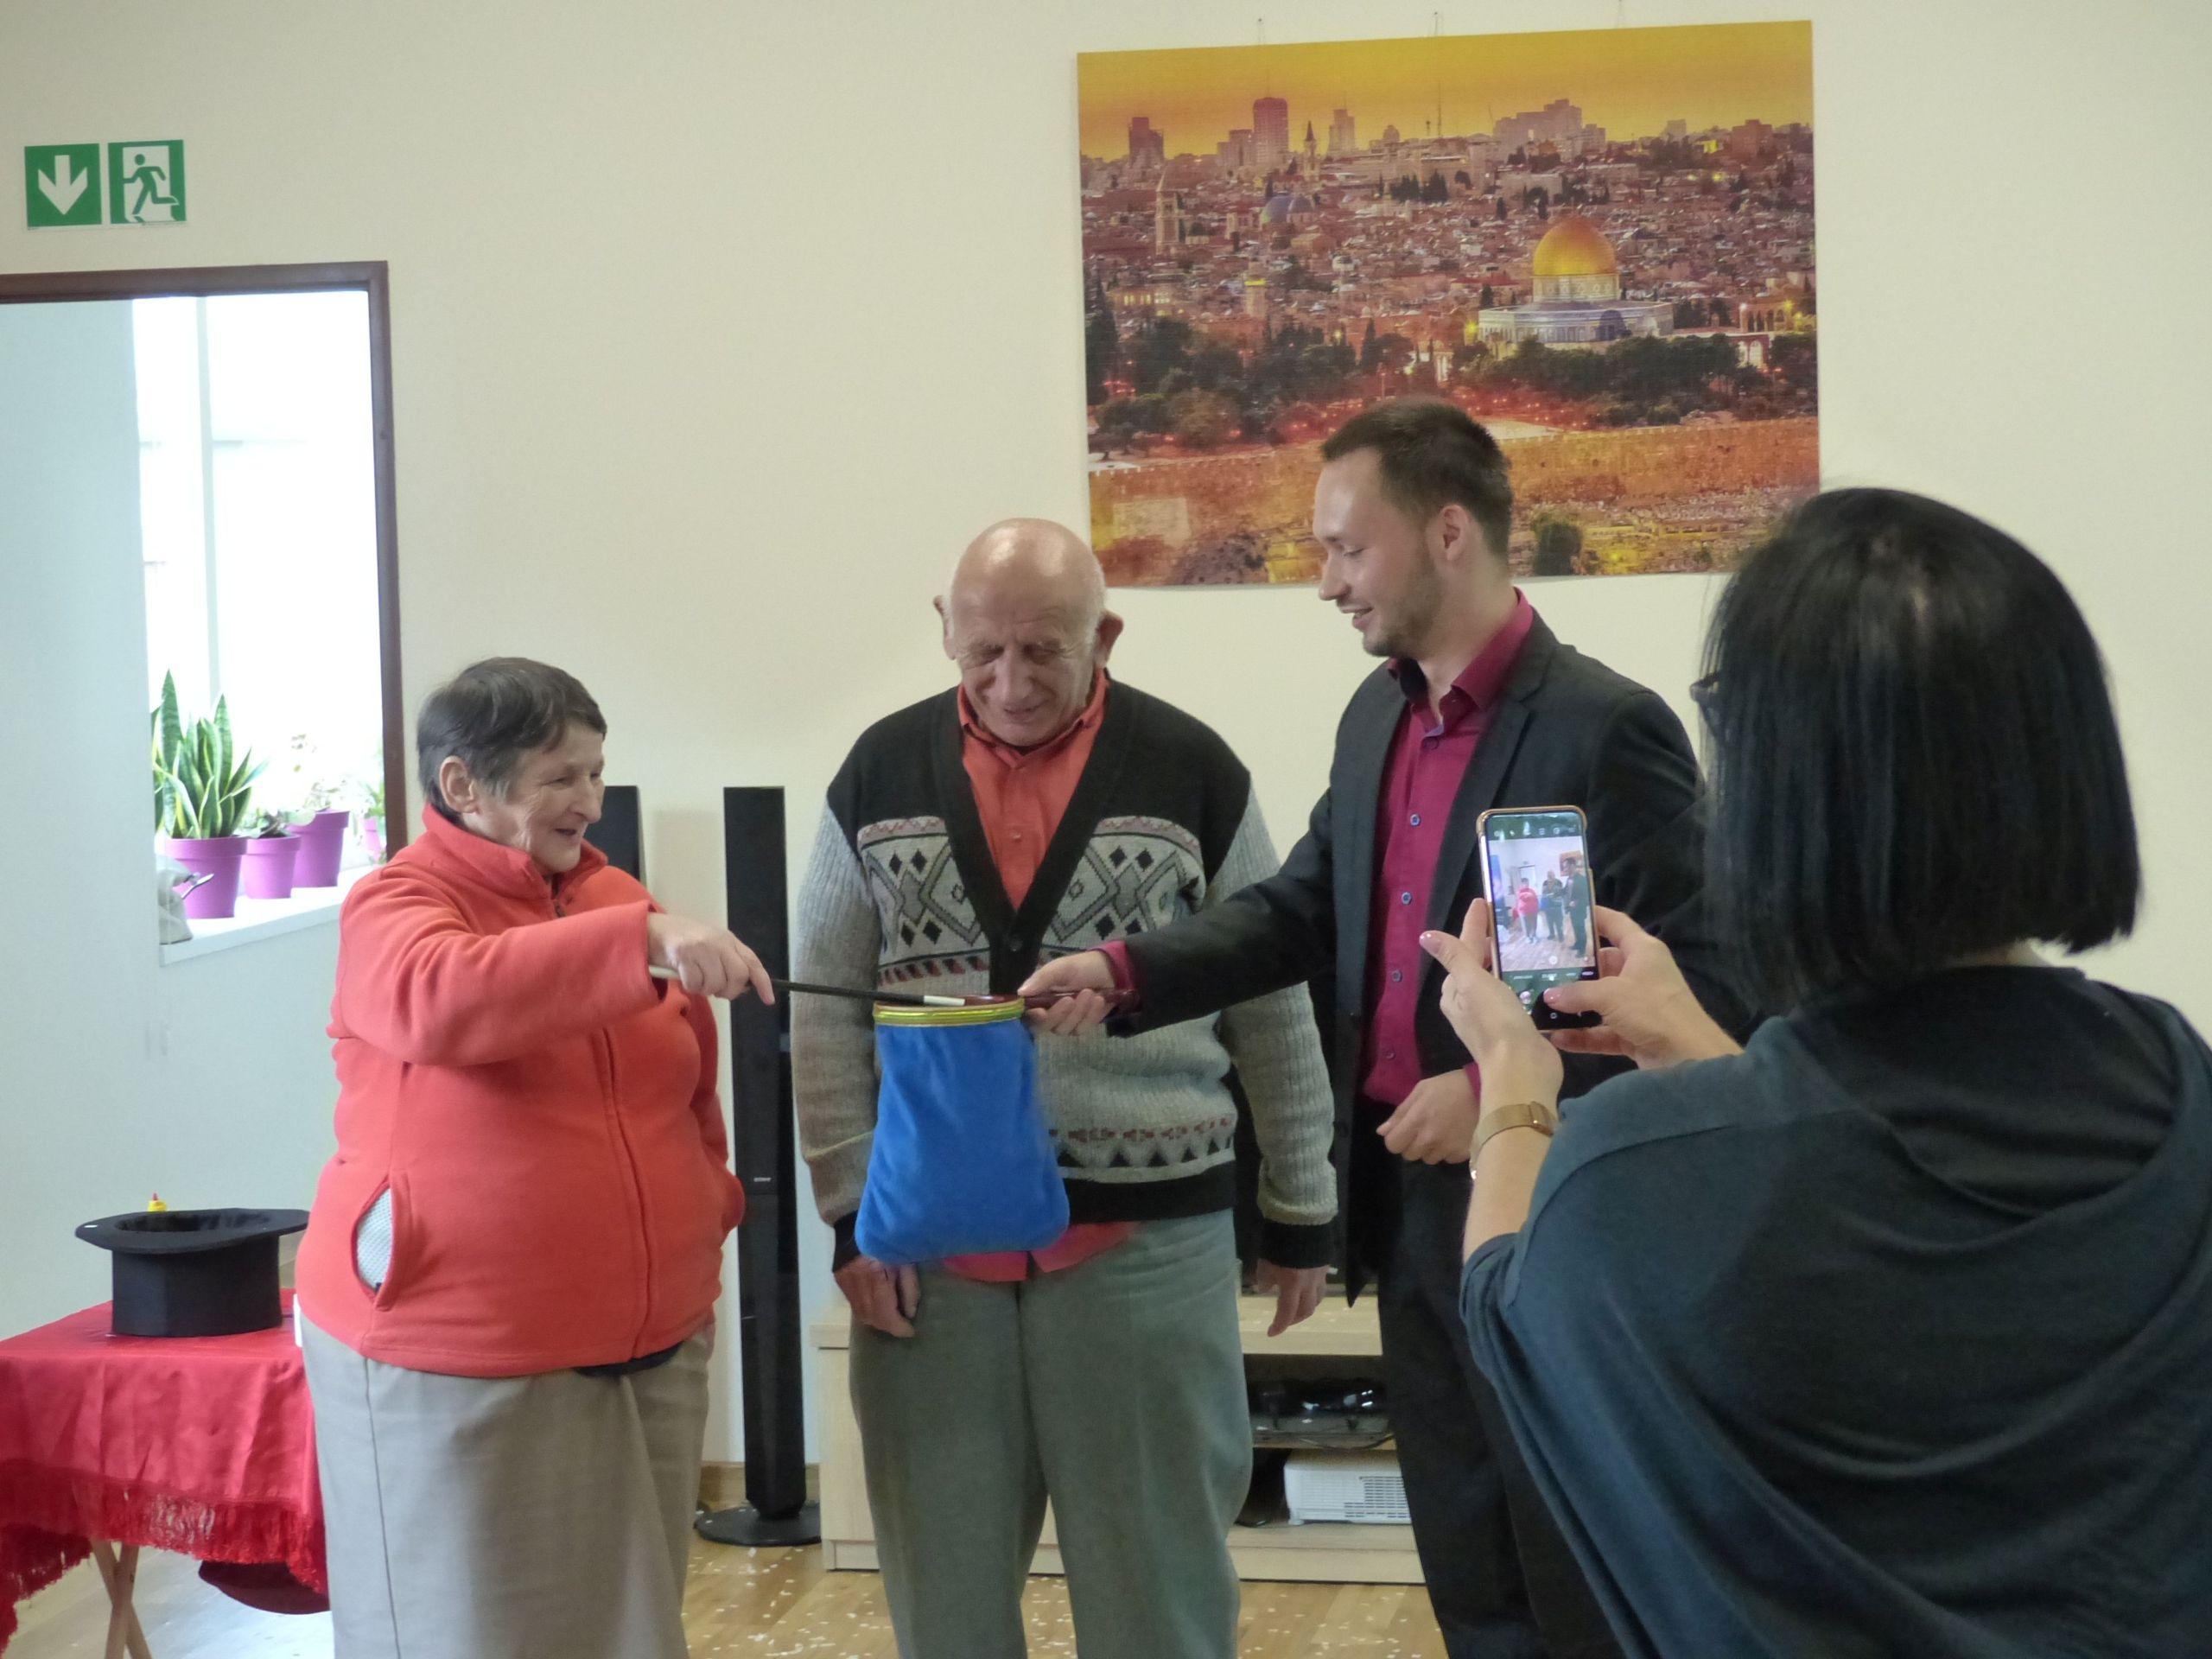 Dwoje seniorów z magikiem i opiekunka robiąca zdjecie telefonem komórkowym.